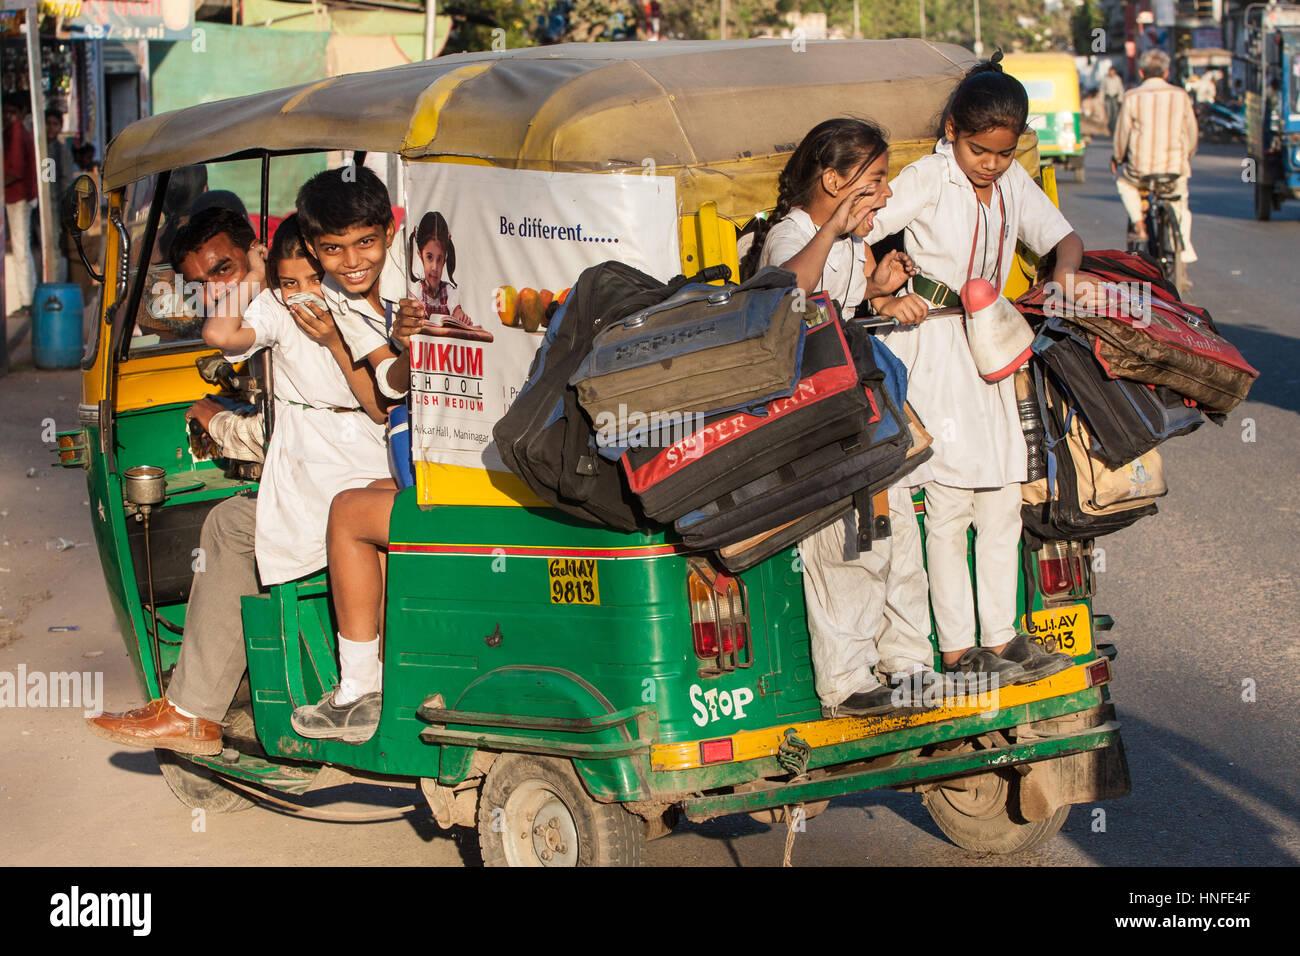 School bag ahmedabad gujarat - School Children And Their School Bags On A School Run To Their Local School By A